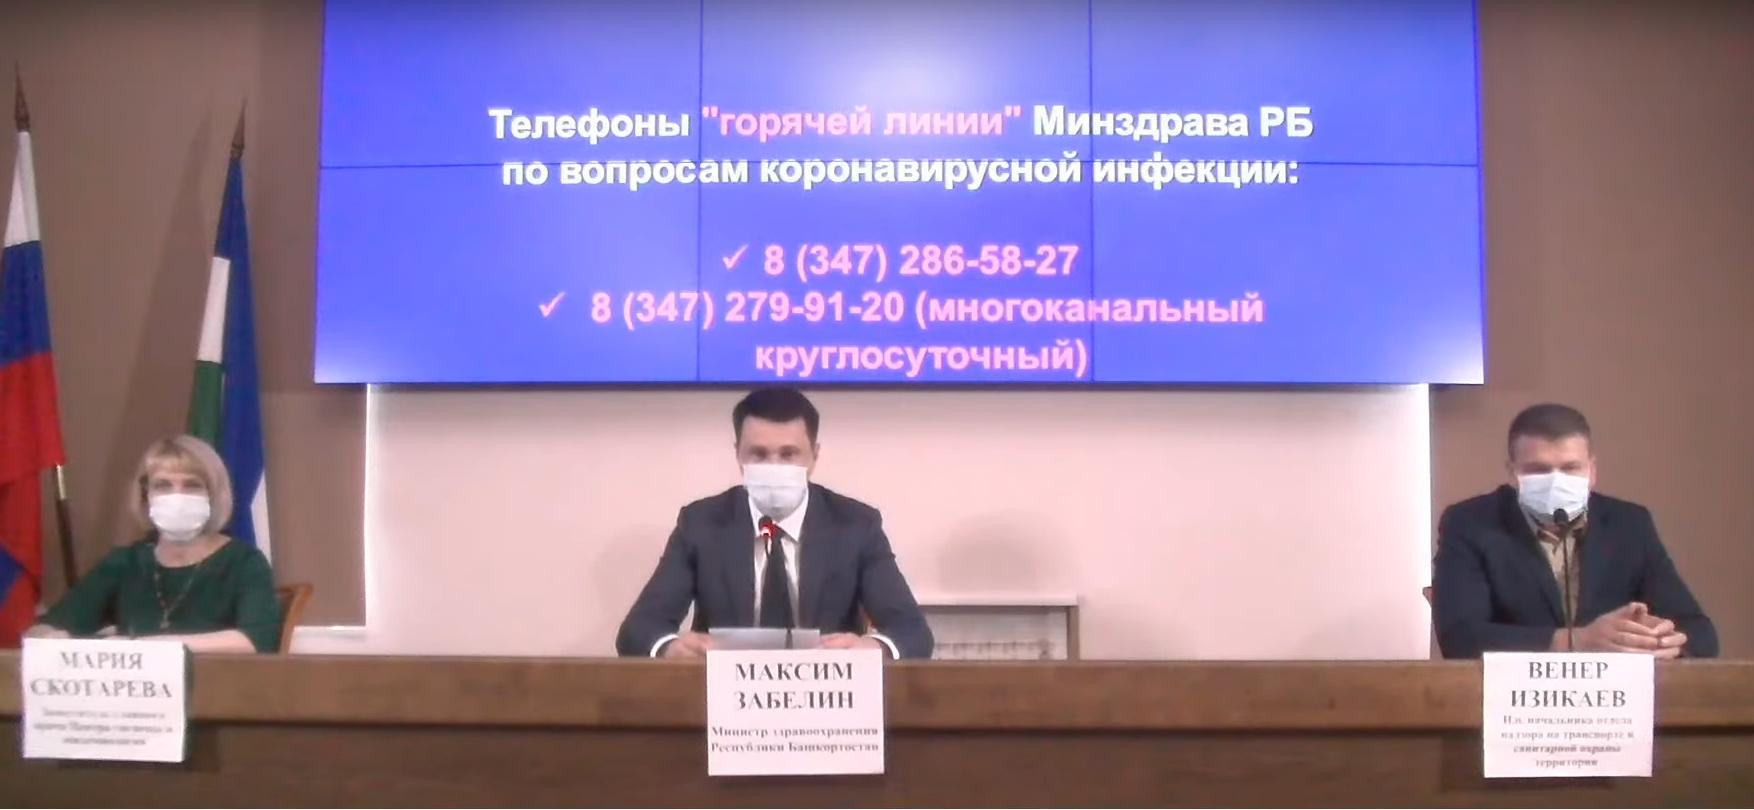 В Башкирии зафиксирован 2851 подтвержденный случай COVID-19